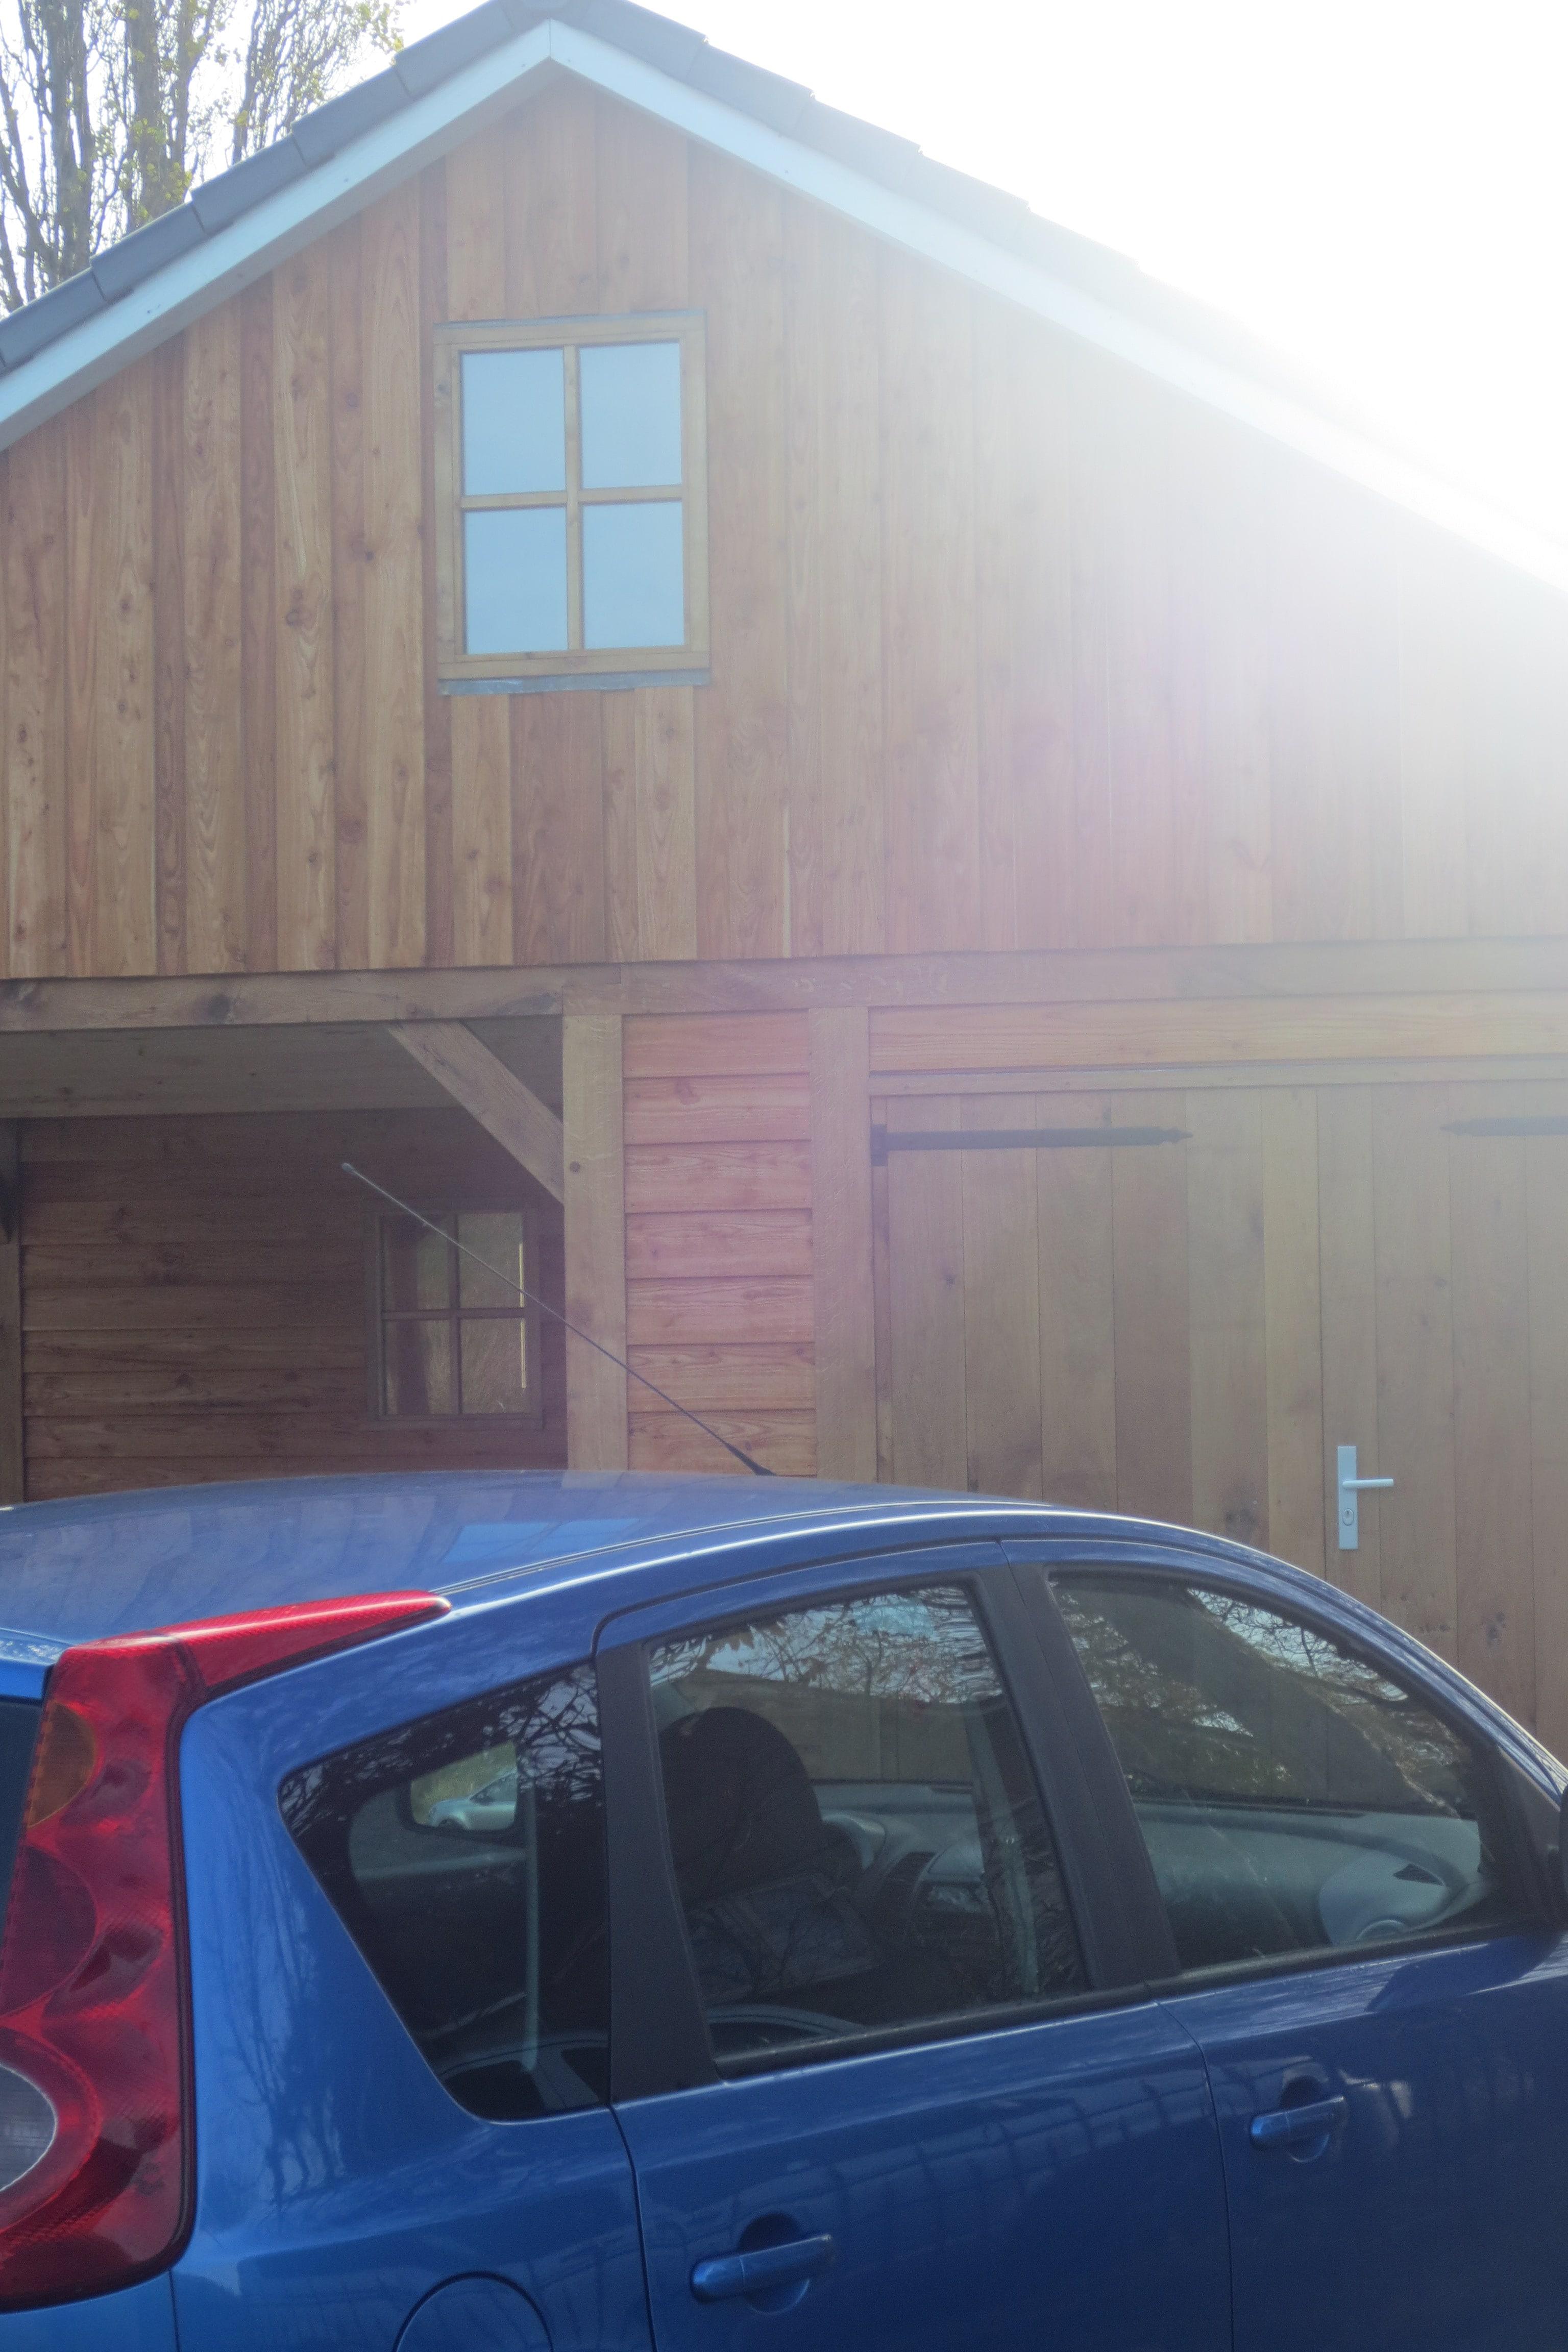 houten-garage-met-carport-13 - Project Enkhuizen: Houten garage met carport